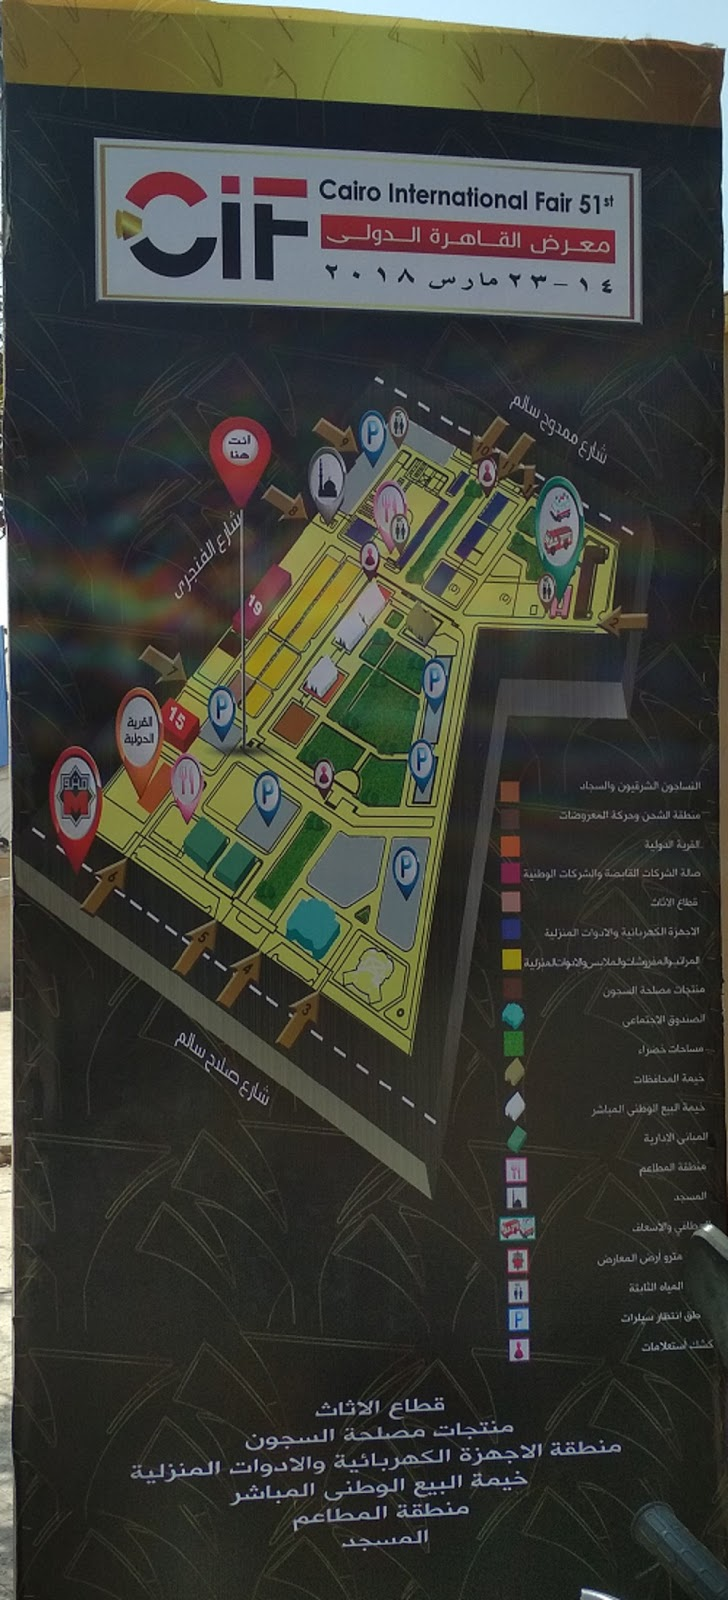 معرض القاهرة الدولى  بارض المعارض من 14 حتى 23 مارس 2018